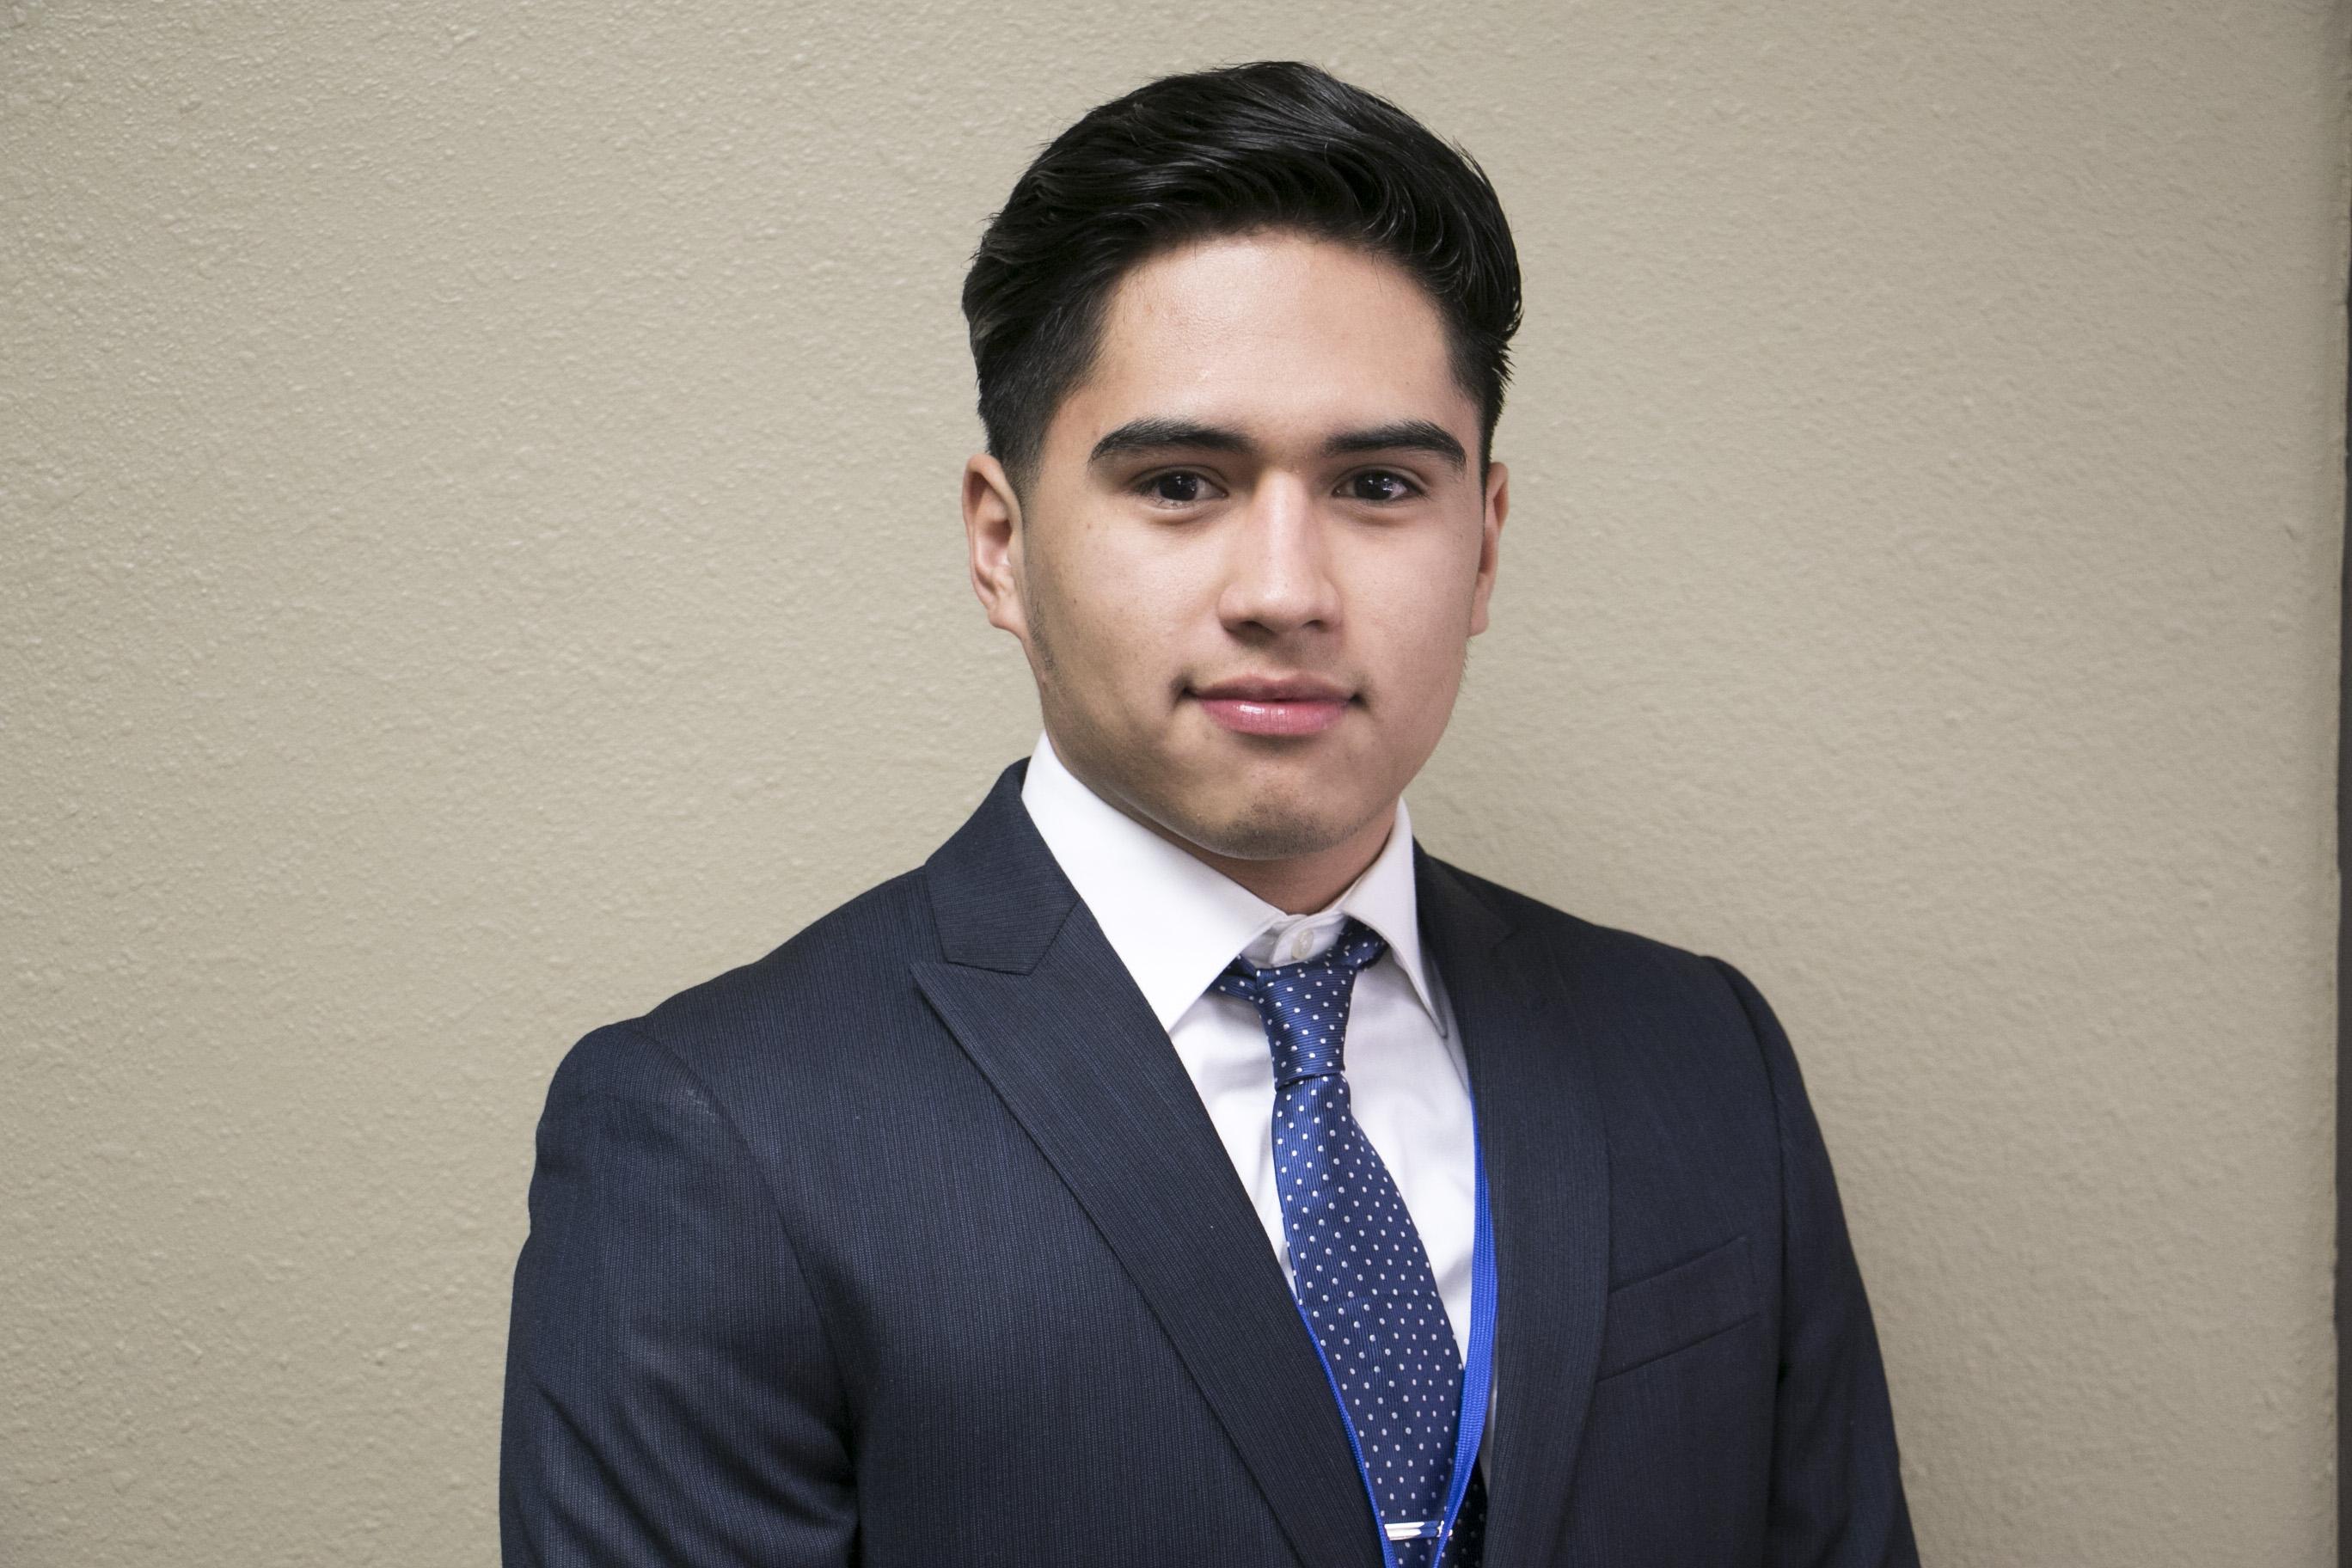 Joel Reyes